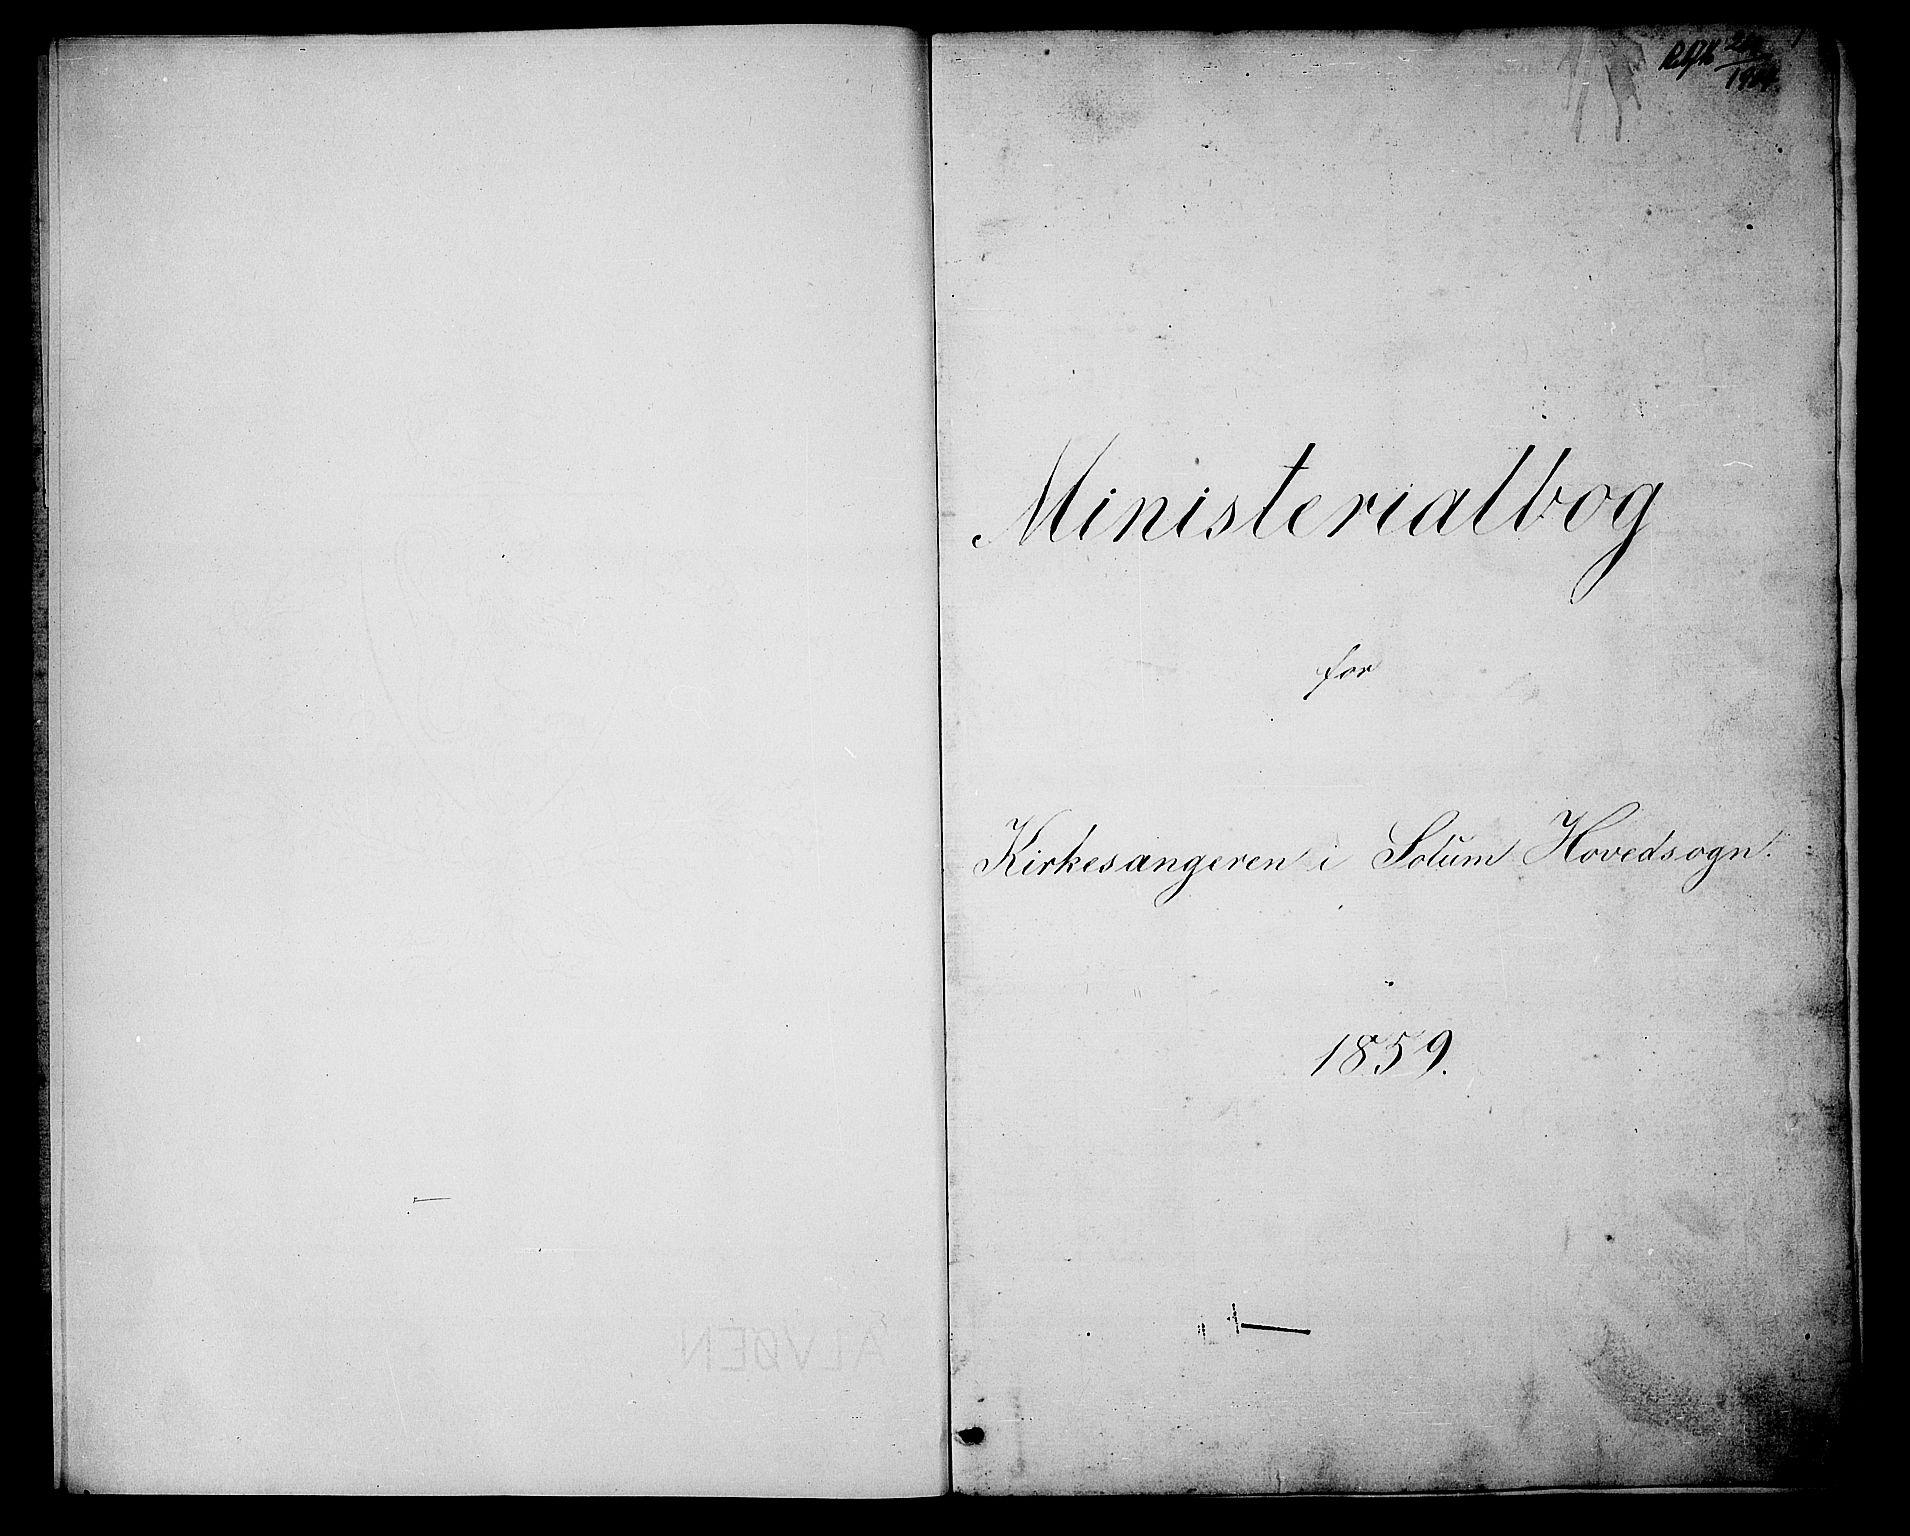 SAKO, Solum kirkebøker, G/Ga/L0004: Klokkerbok nr. I 4, 1859-1876, s. 1